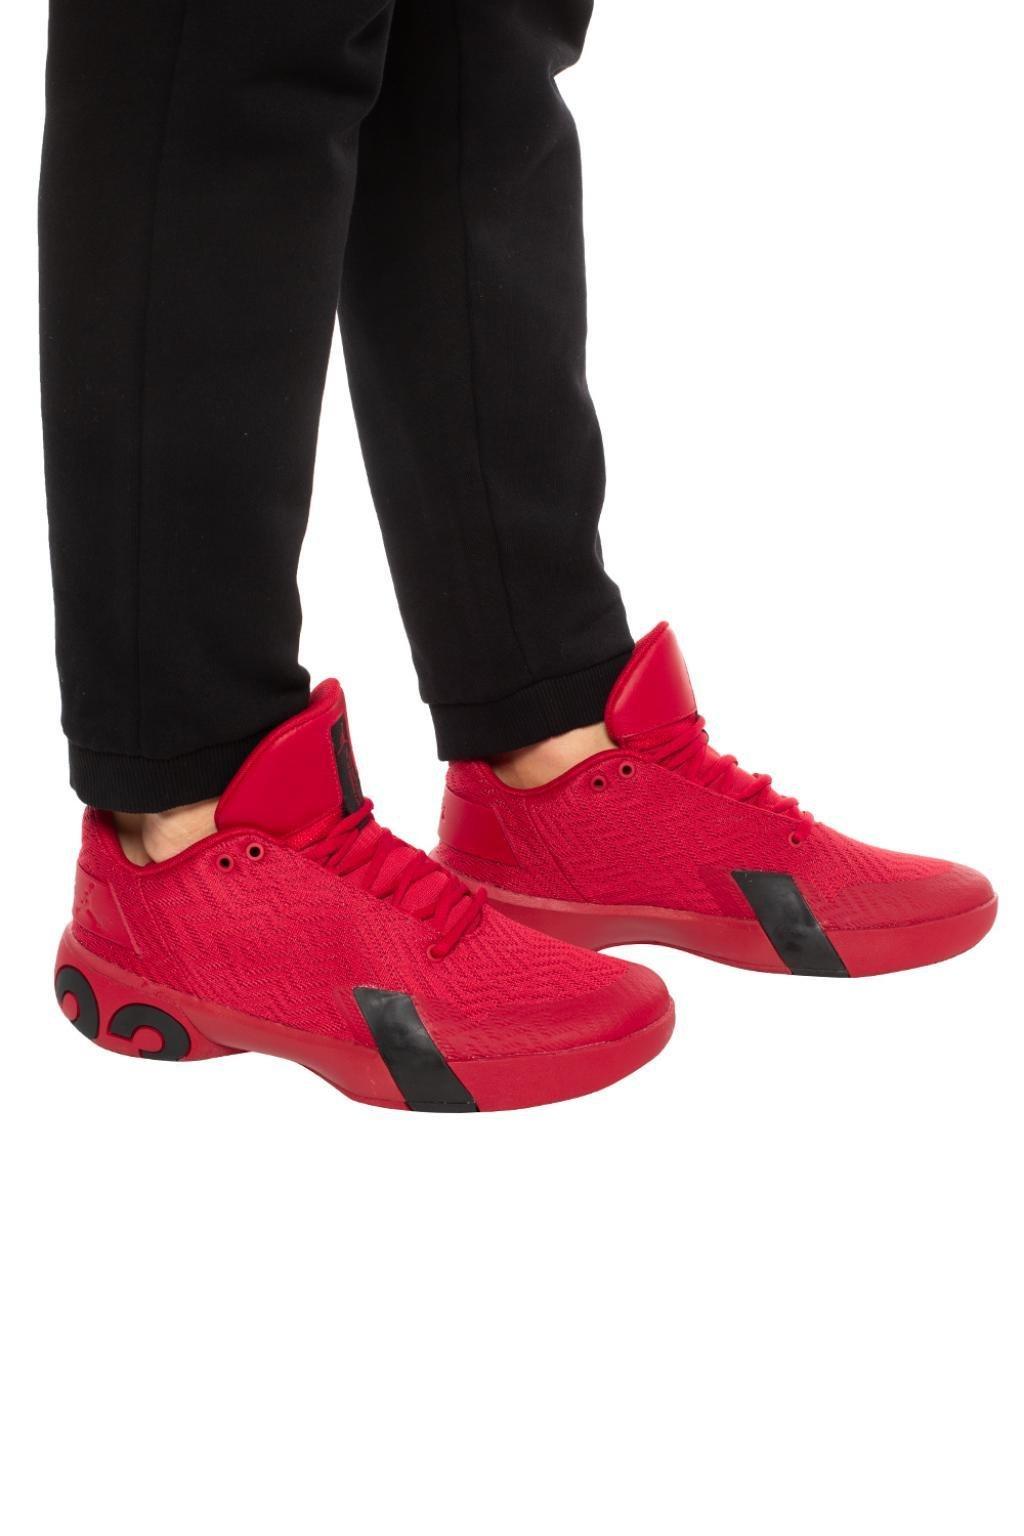 fce59efcbed2a Nike - Red Jordan Ultra Fly 3 Low Sneakers for Men - Lyst. View fullscreen